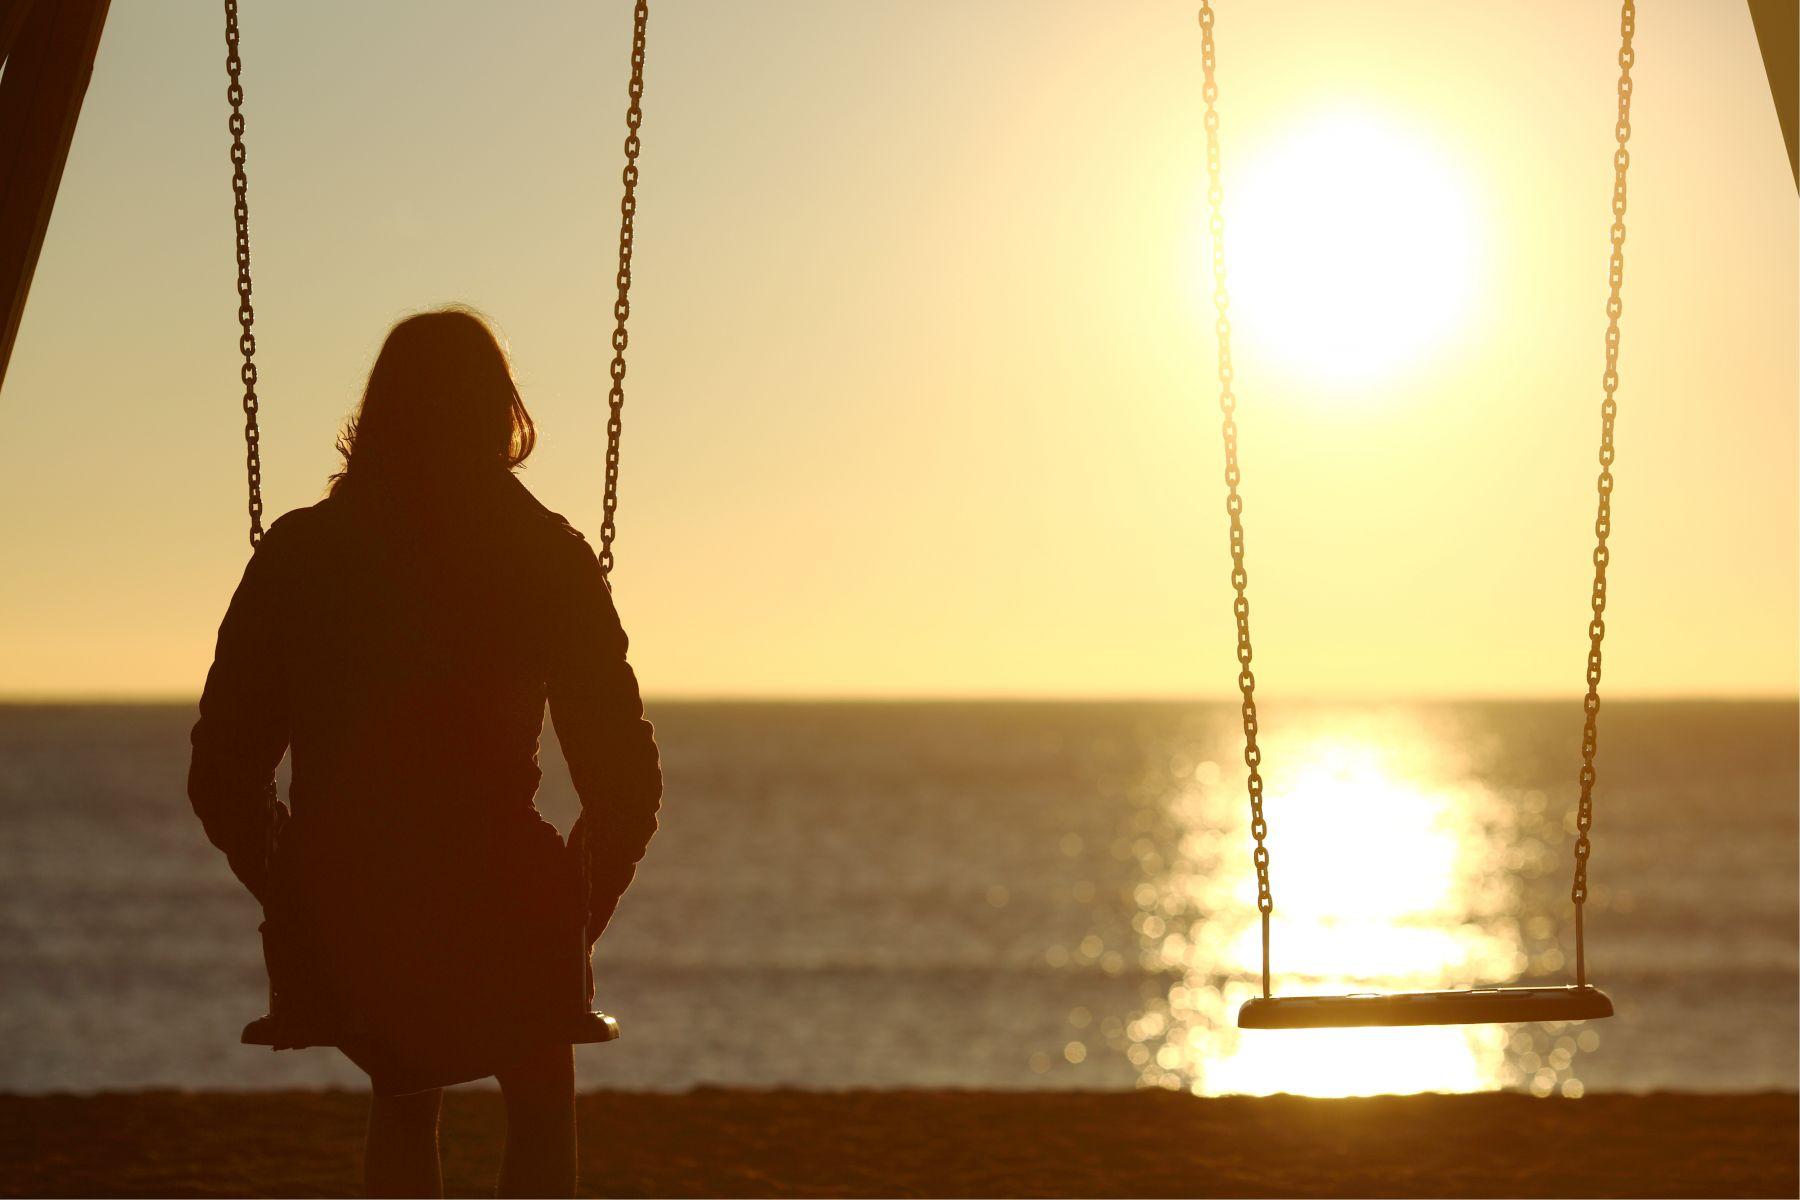 那些無常給我的啟示:最在乎的想念,就是不放下